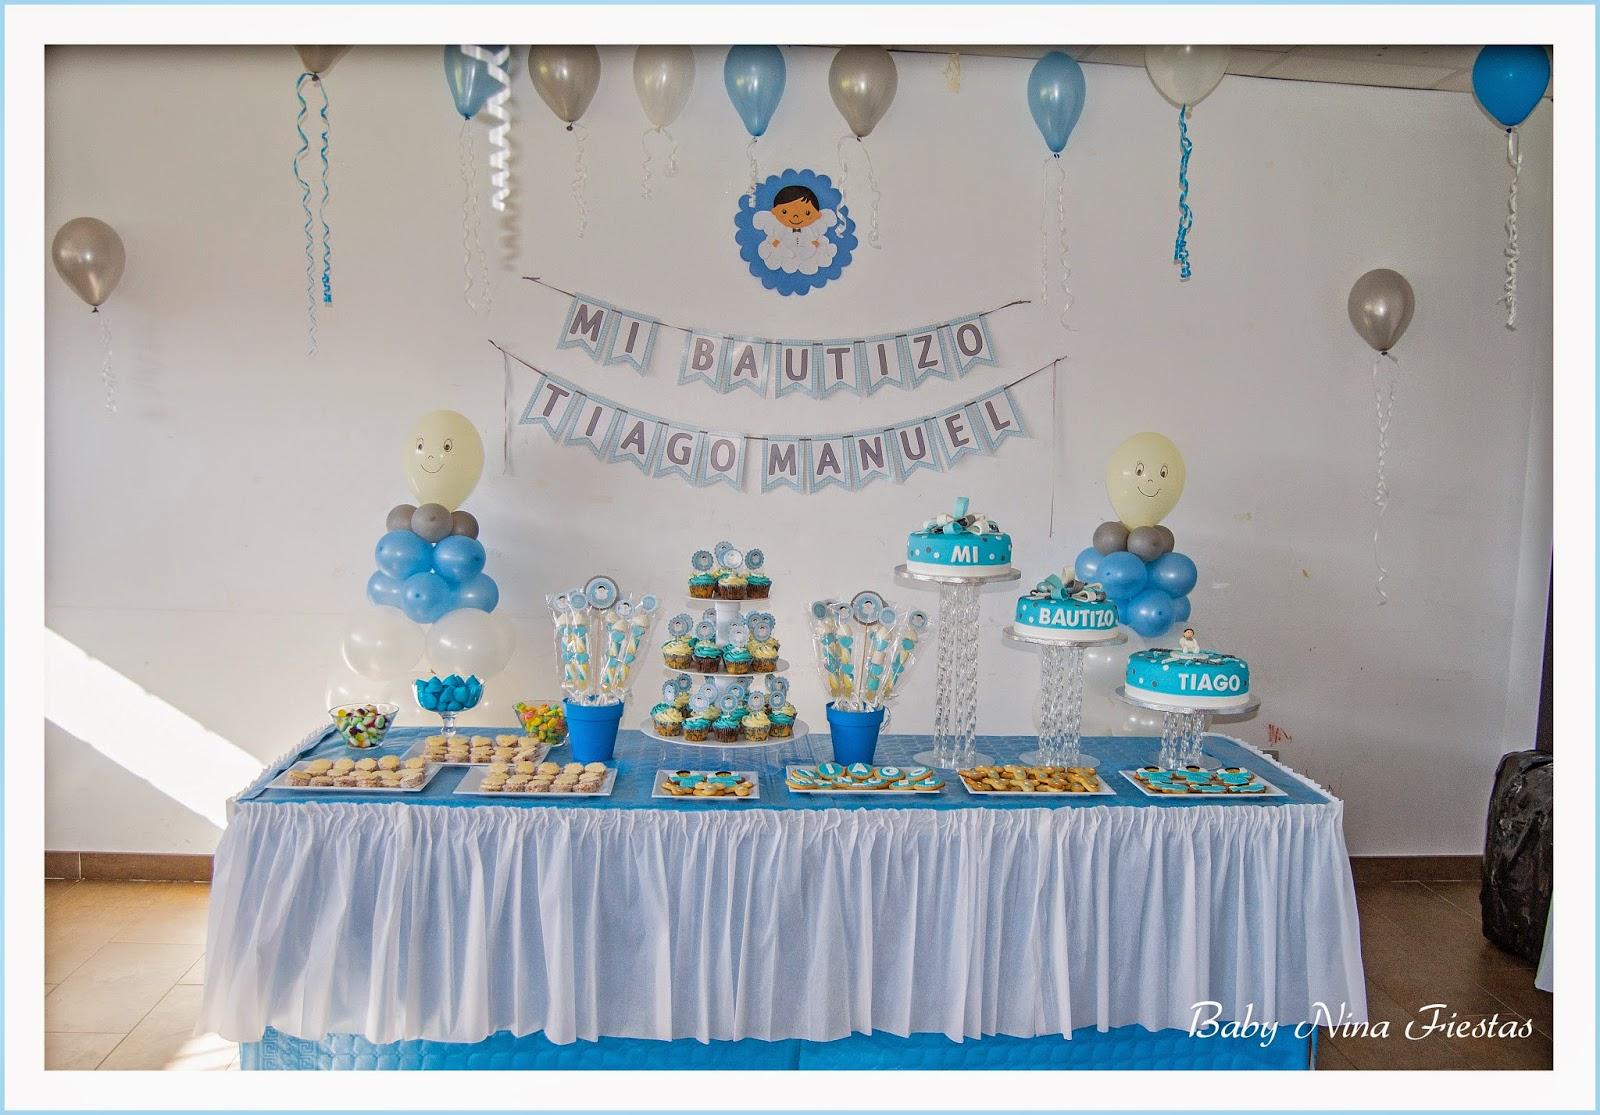 Baby nina fiestas bautizo de tiago for Mesa de dulces para bautizo de nina